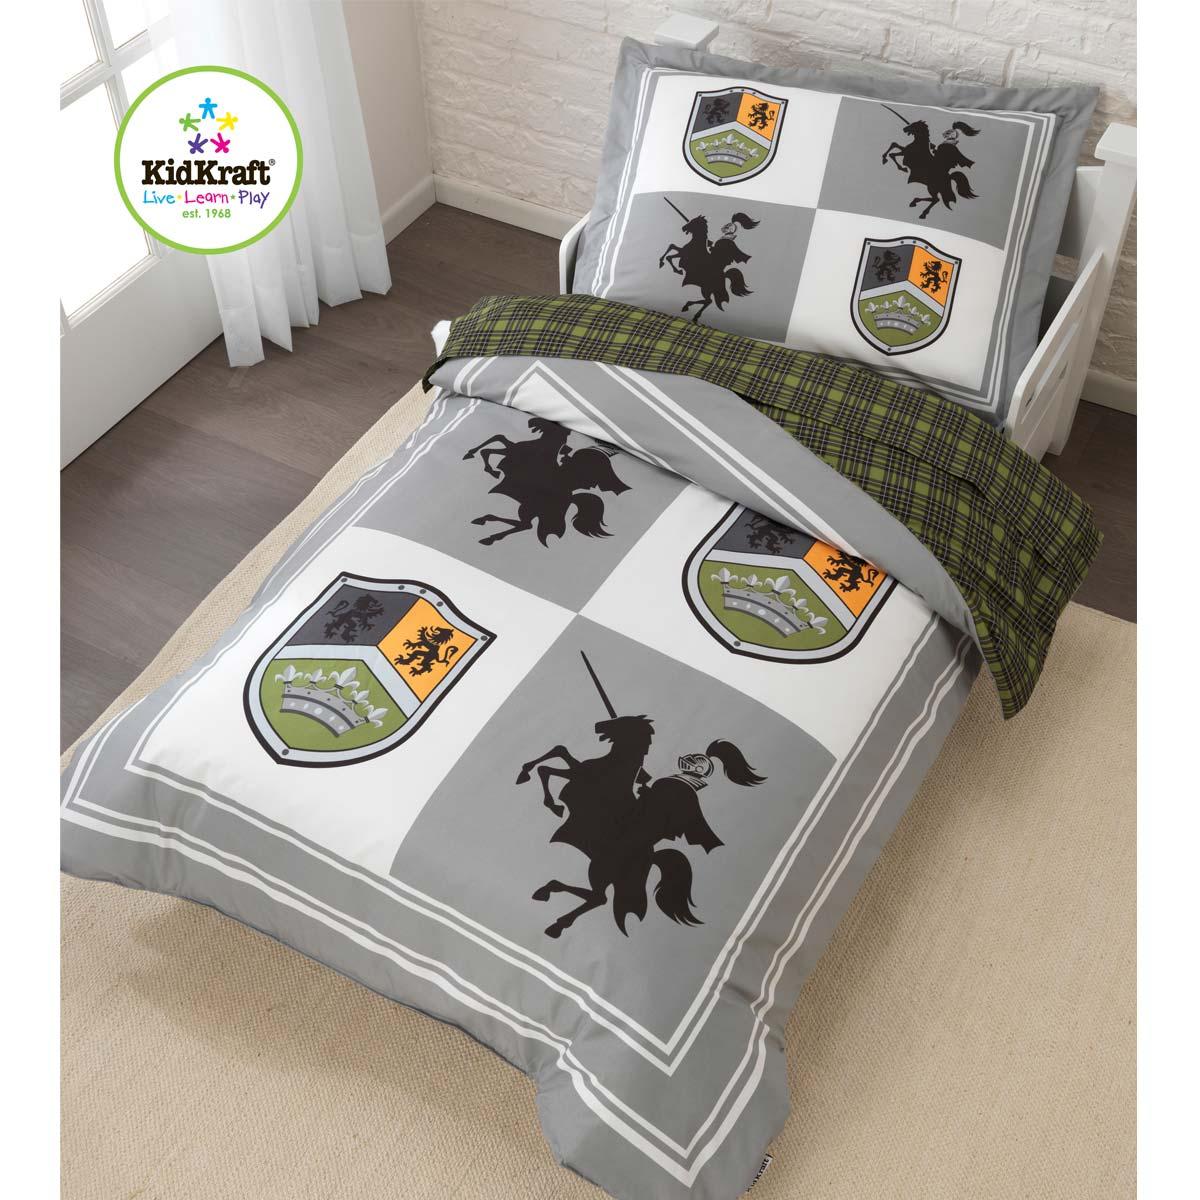 Kidkraft 77007 biancheria da letto per bambini castello pirum - Biancheria da letto bambini ...